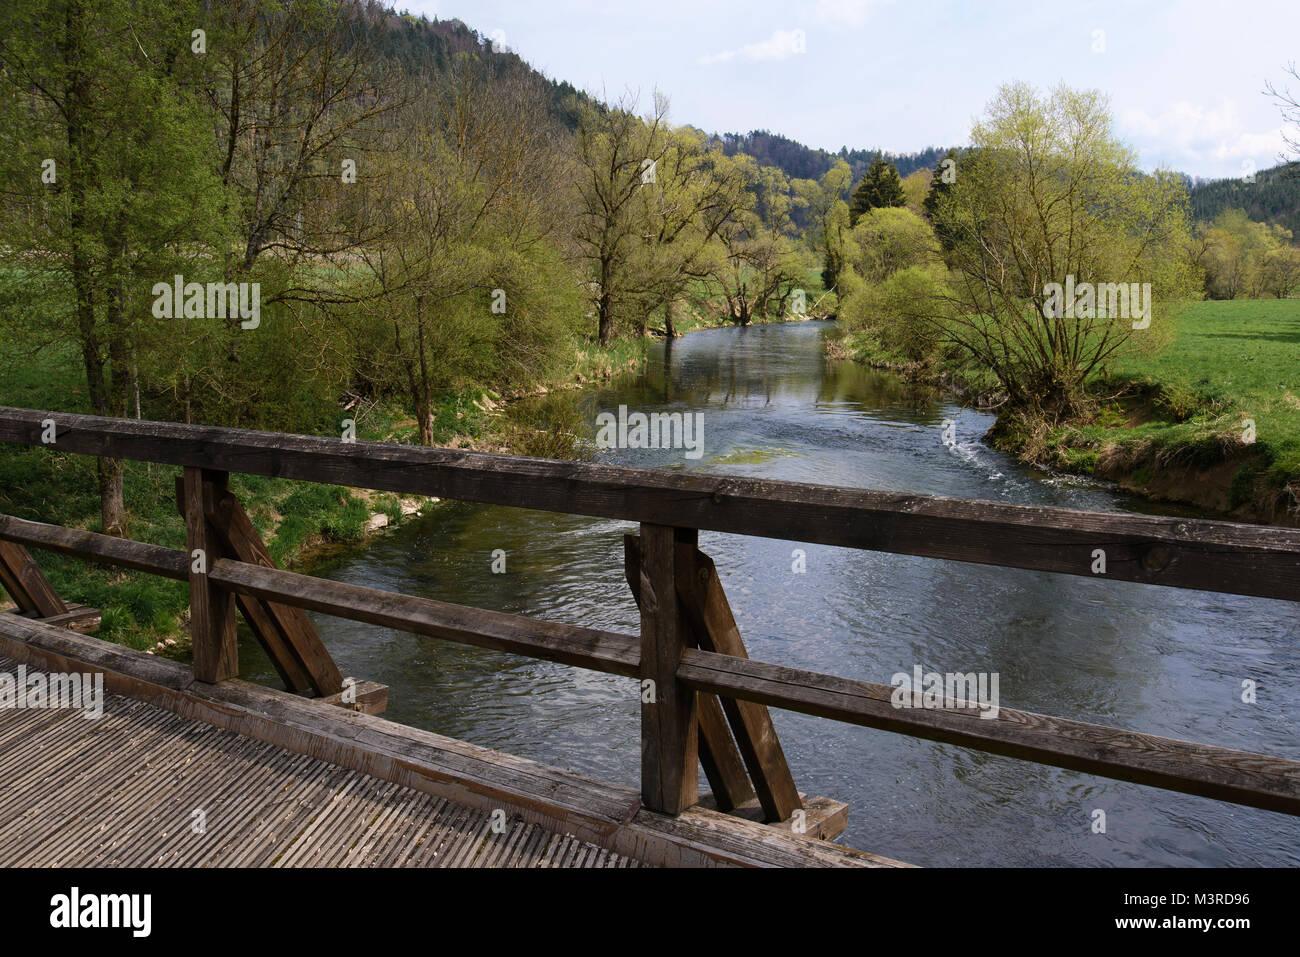 Pfahljochbrücke bei Neckarhausen, eine der ältesten erhaltenen Holzbrücken im süddeutschen Raum, - Stock Image